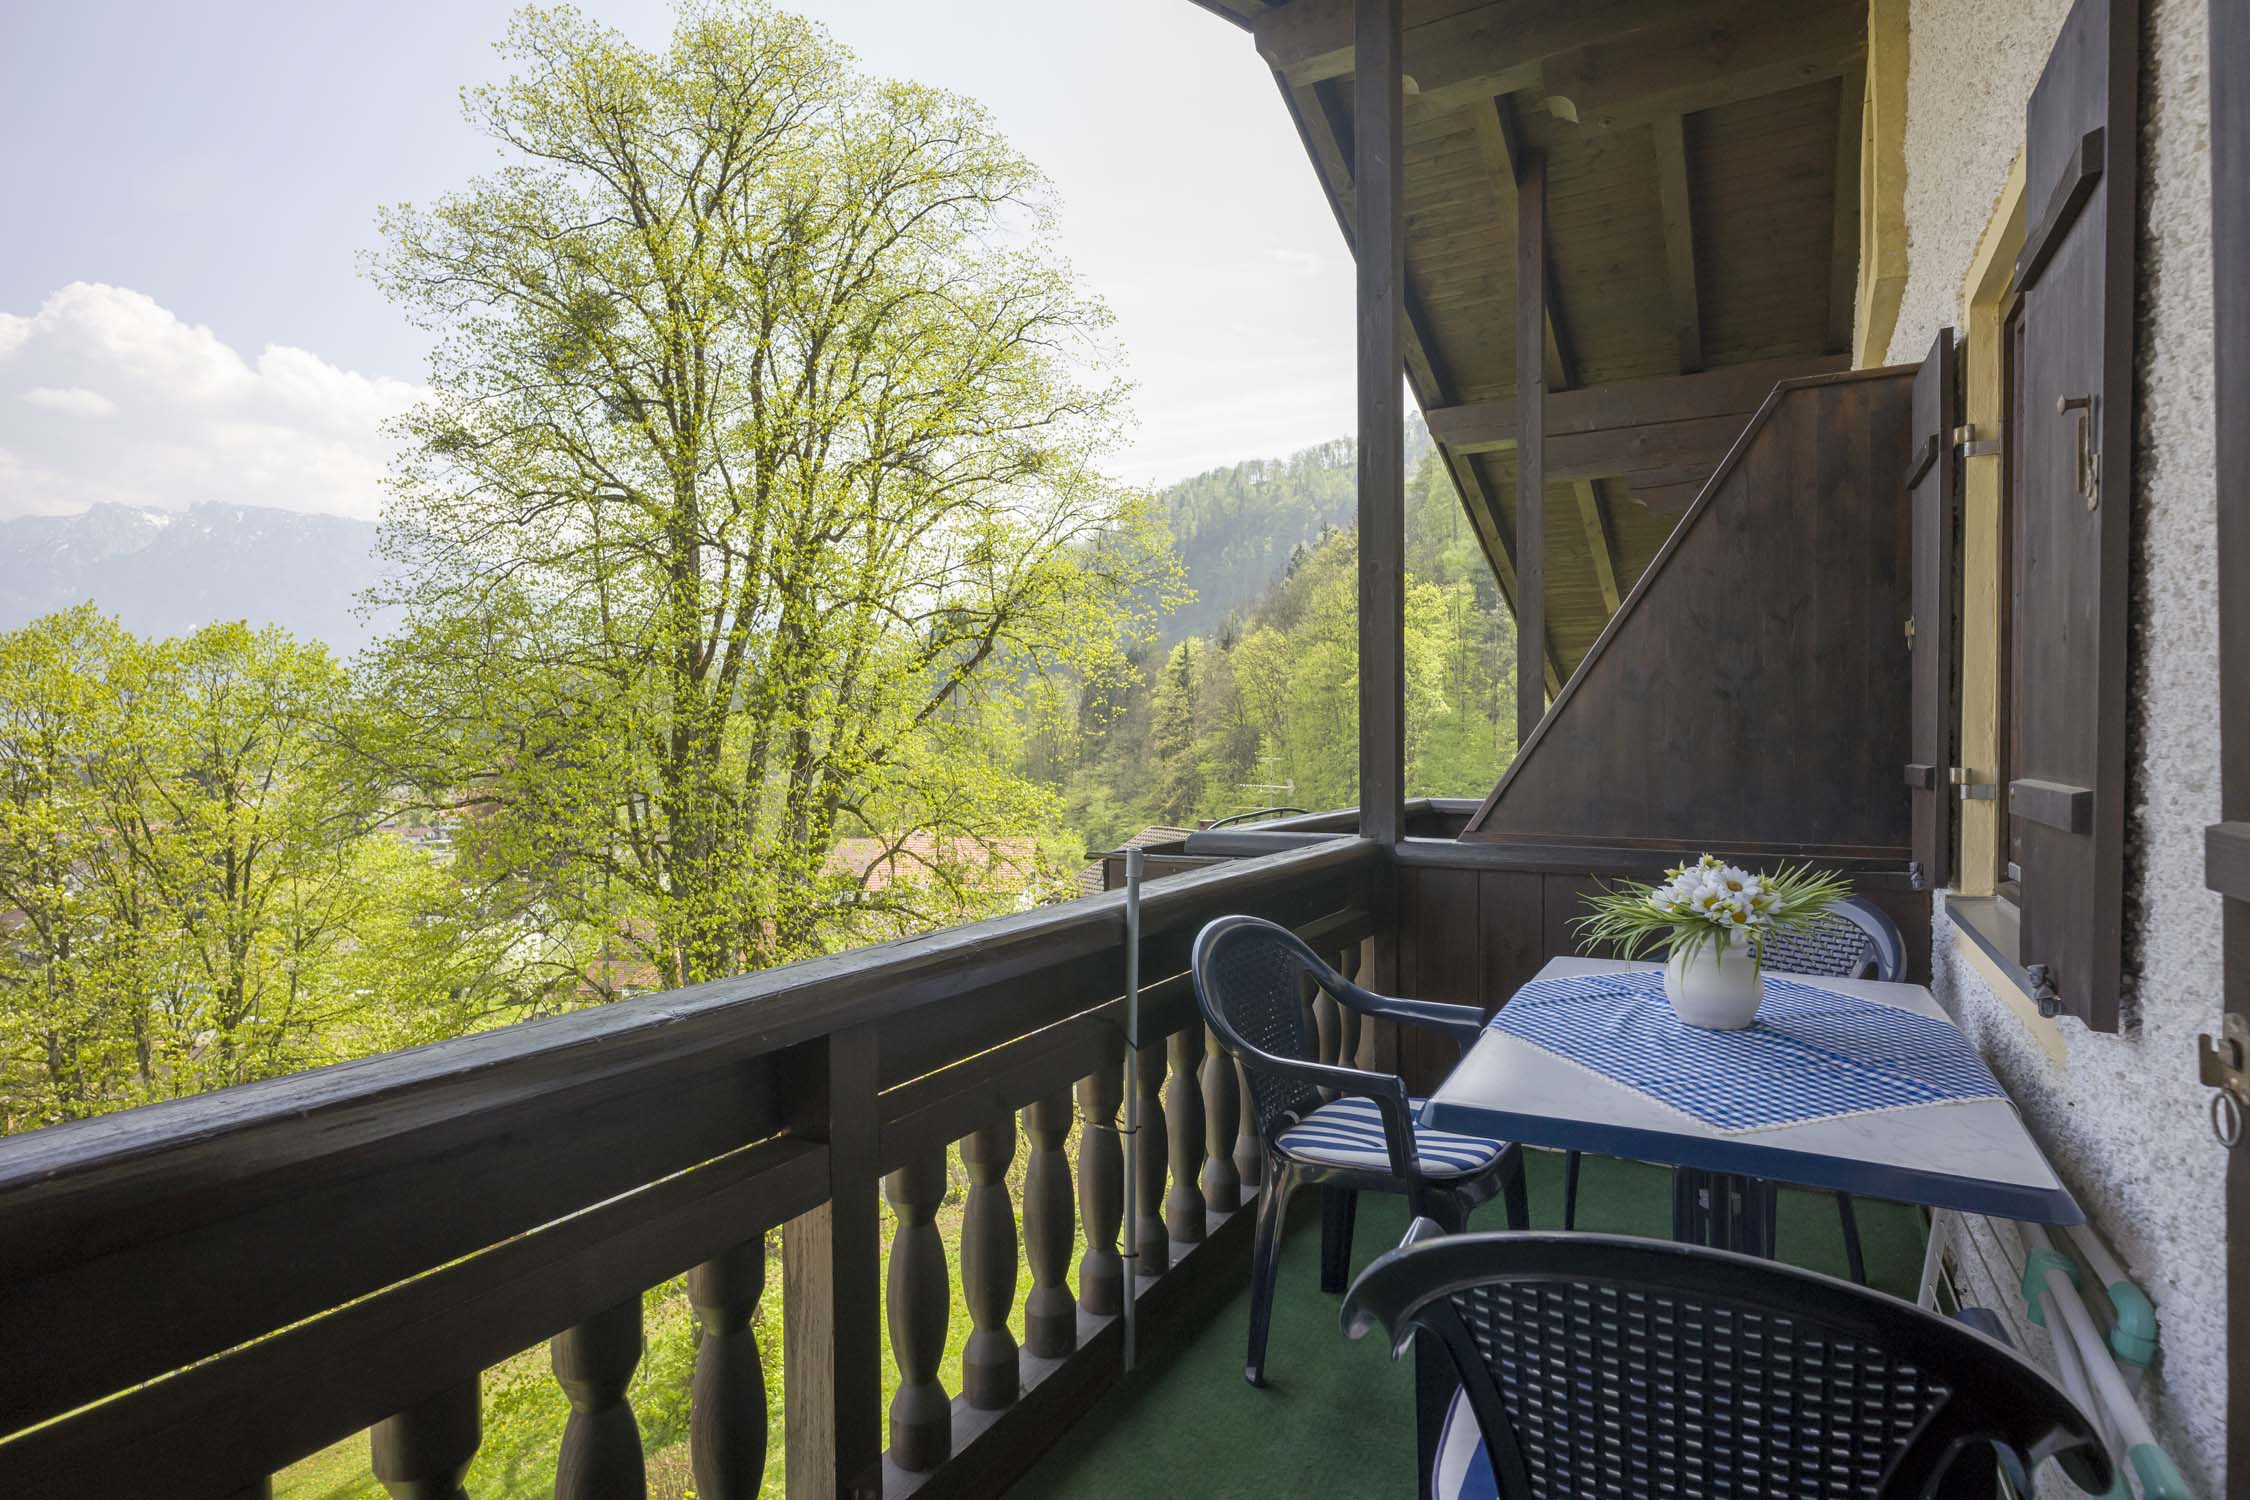 Ferienwohnung Dannapfel im Bergschlößl (DE Oberaudorf). 2-Zimmer Ferienwohnung (710001), Oberaudorf, Chiemgau, Bayern, Deutschland, Bild 9